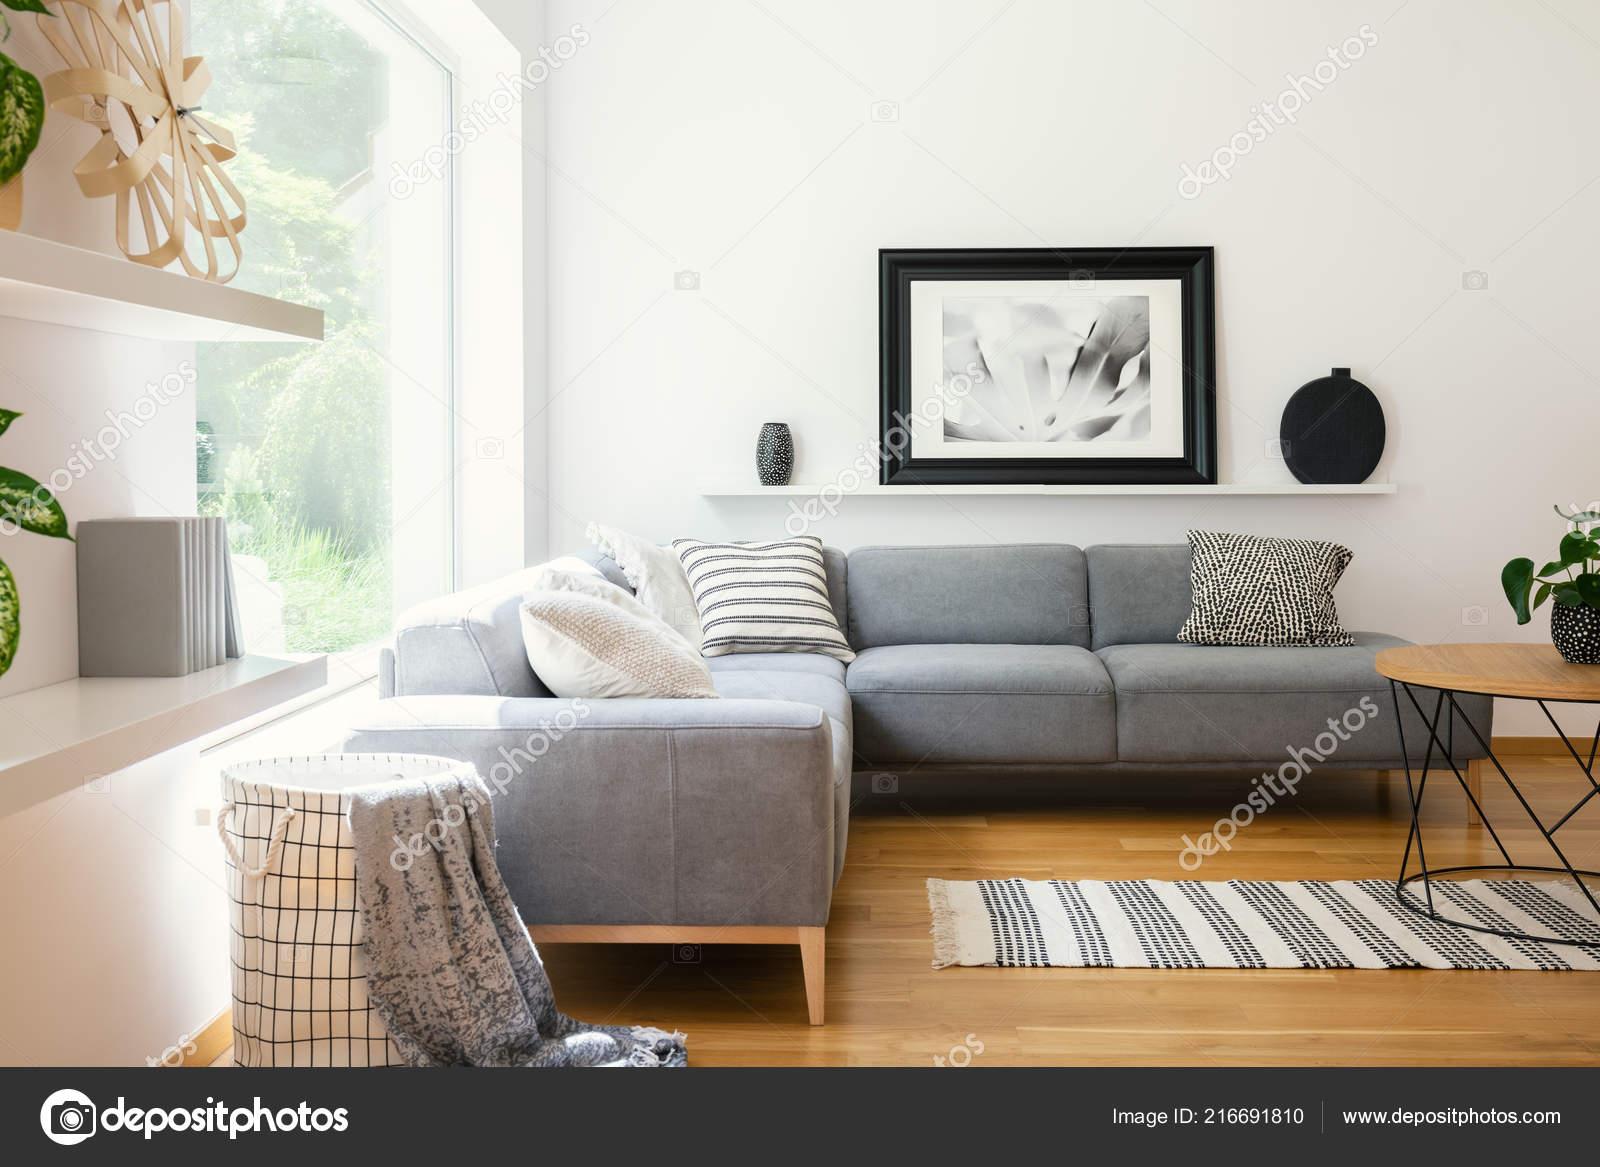 Zwart wit textiel decoratie een klassieke scandinavische stijl